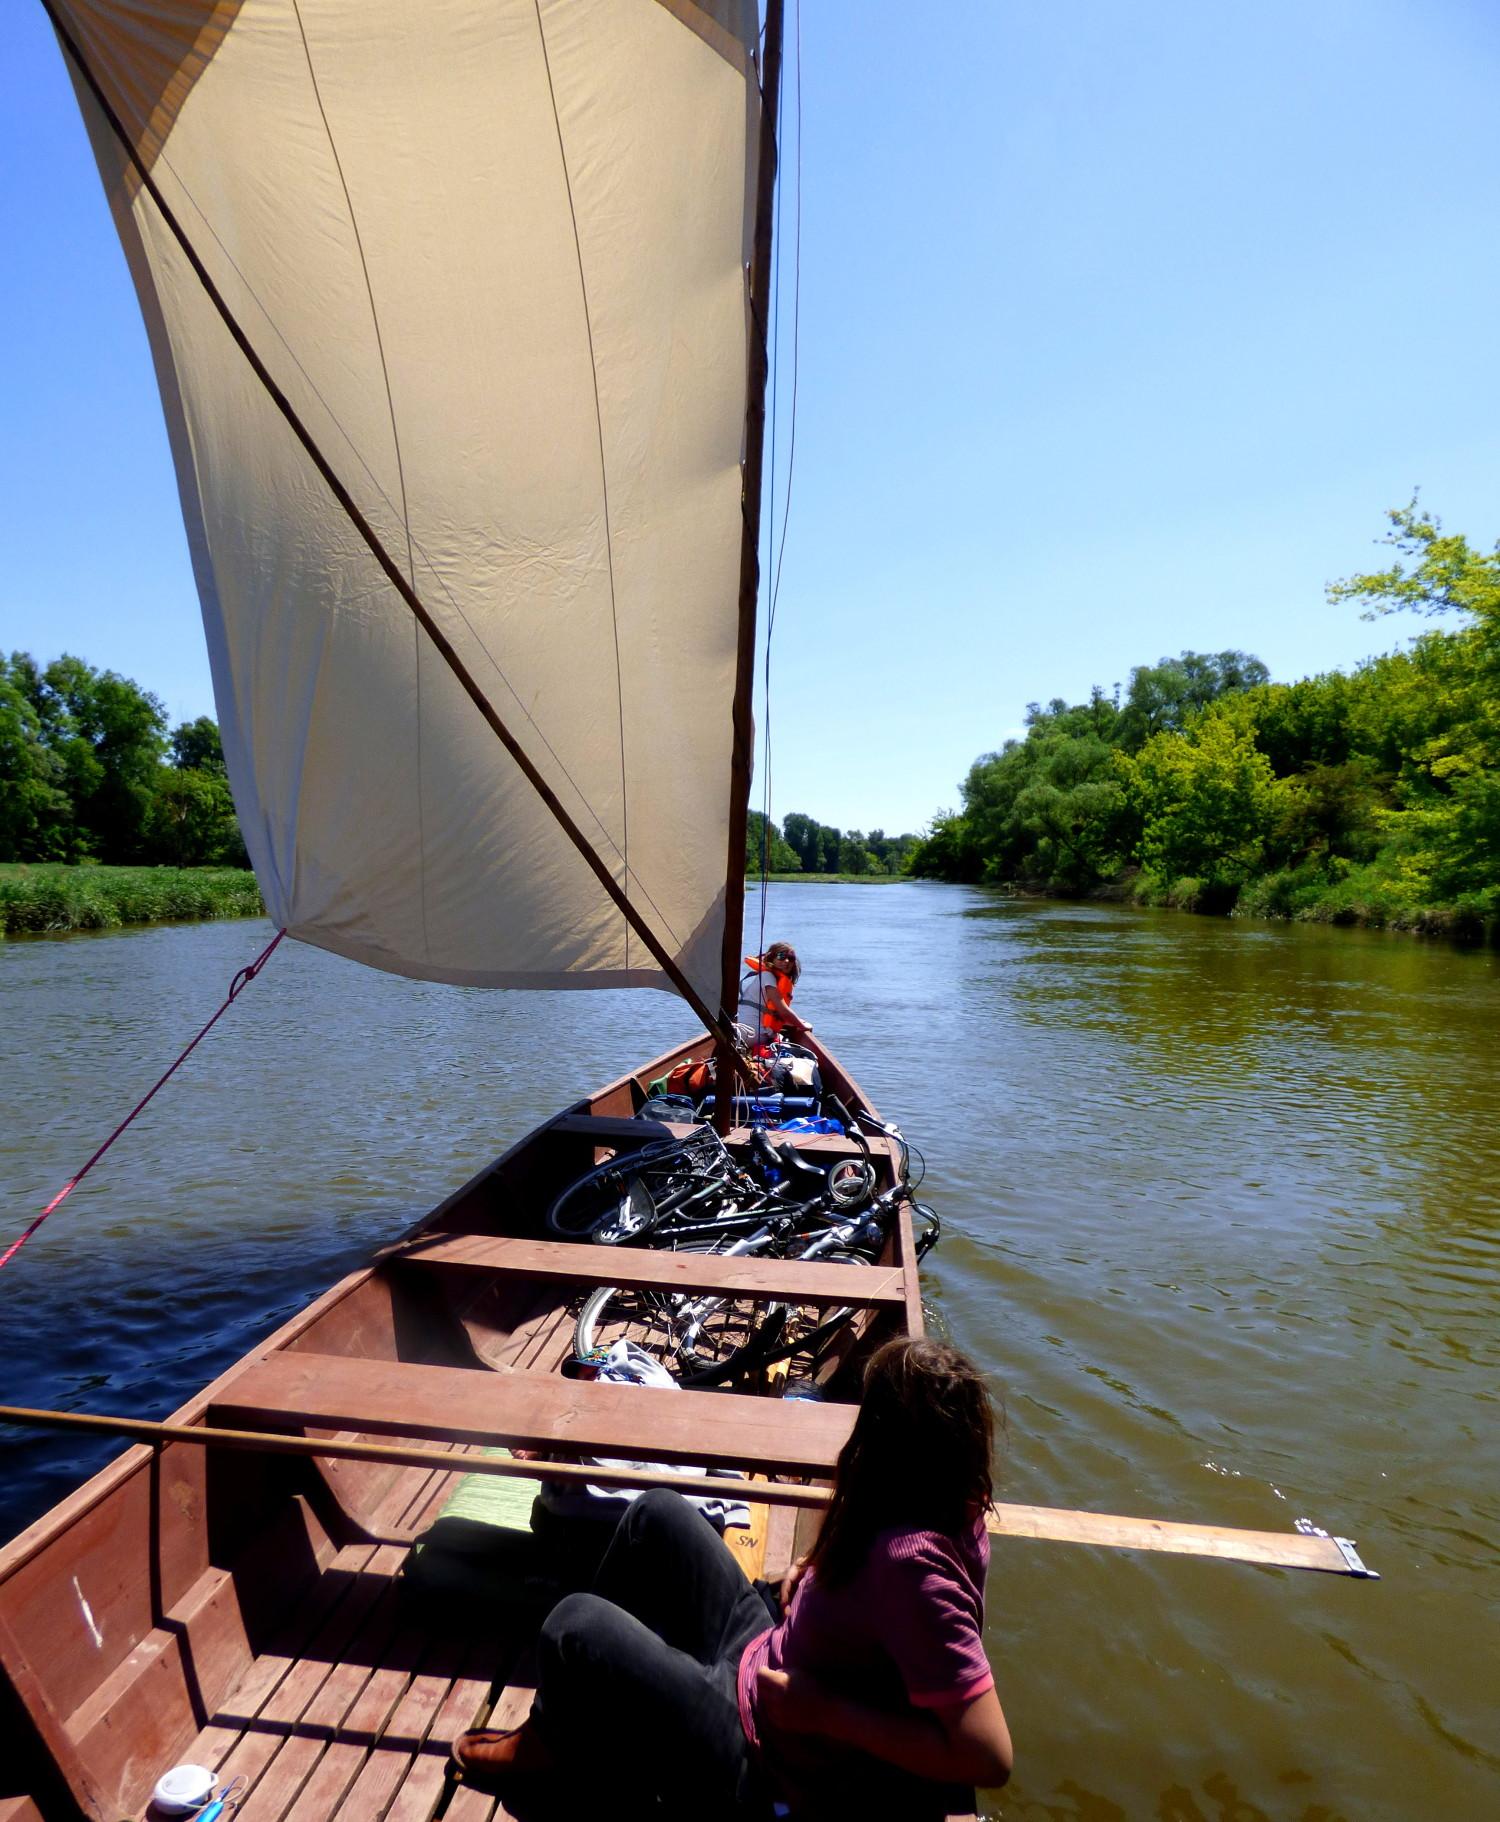 Widok od strony sternika na drewniana tradycyjną łódź wiślaną pod żaglem podczas przepływania odnogą Wisły dookoła Kępy Zielonej koło Ciechocinka. Brzegi rzeki są intensywanie zielone.